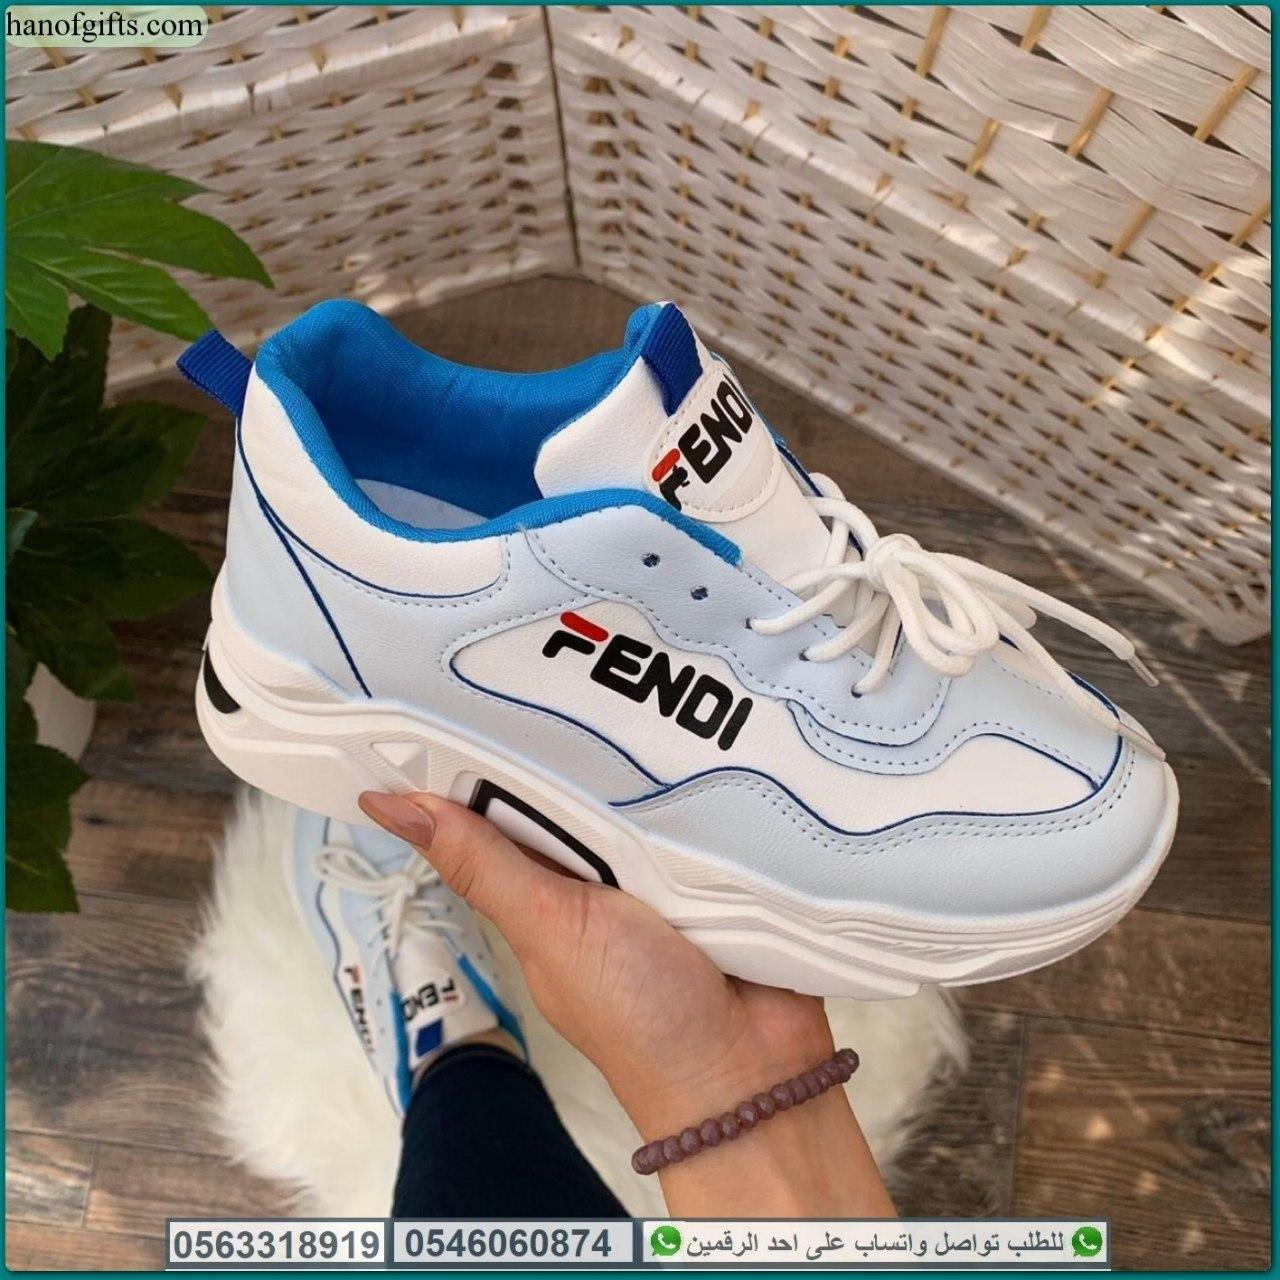 شوزات ماركات عالميه نسائيه فخمه و بمقاسات من 36 الى 41 هدايا هنوف White Sneaker Fendi Sneakers